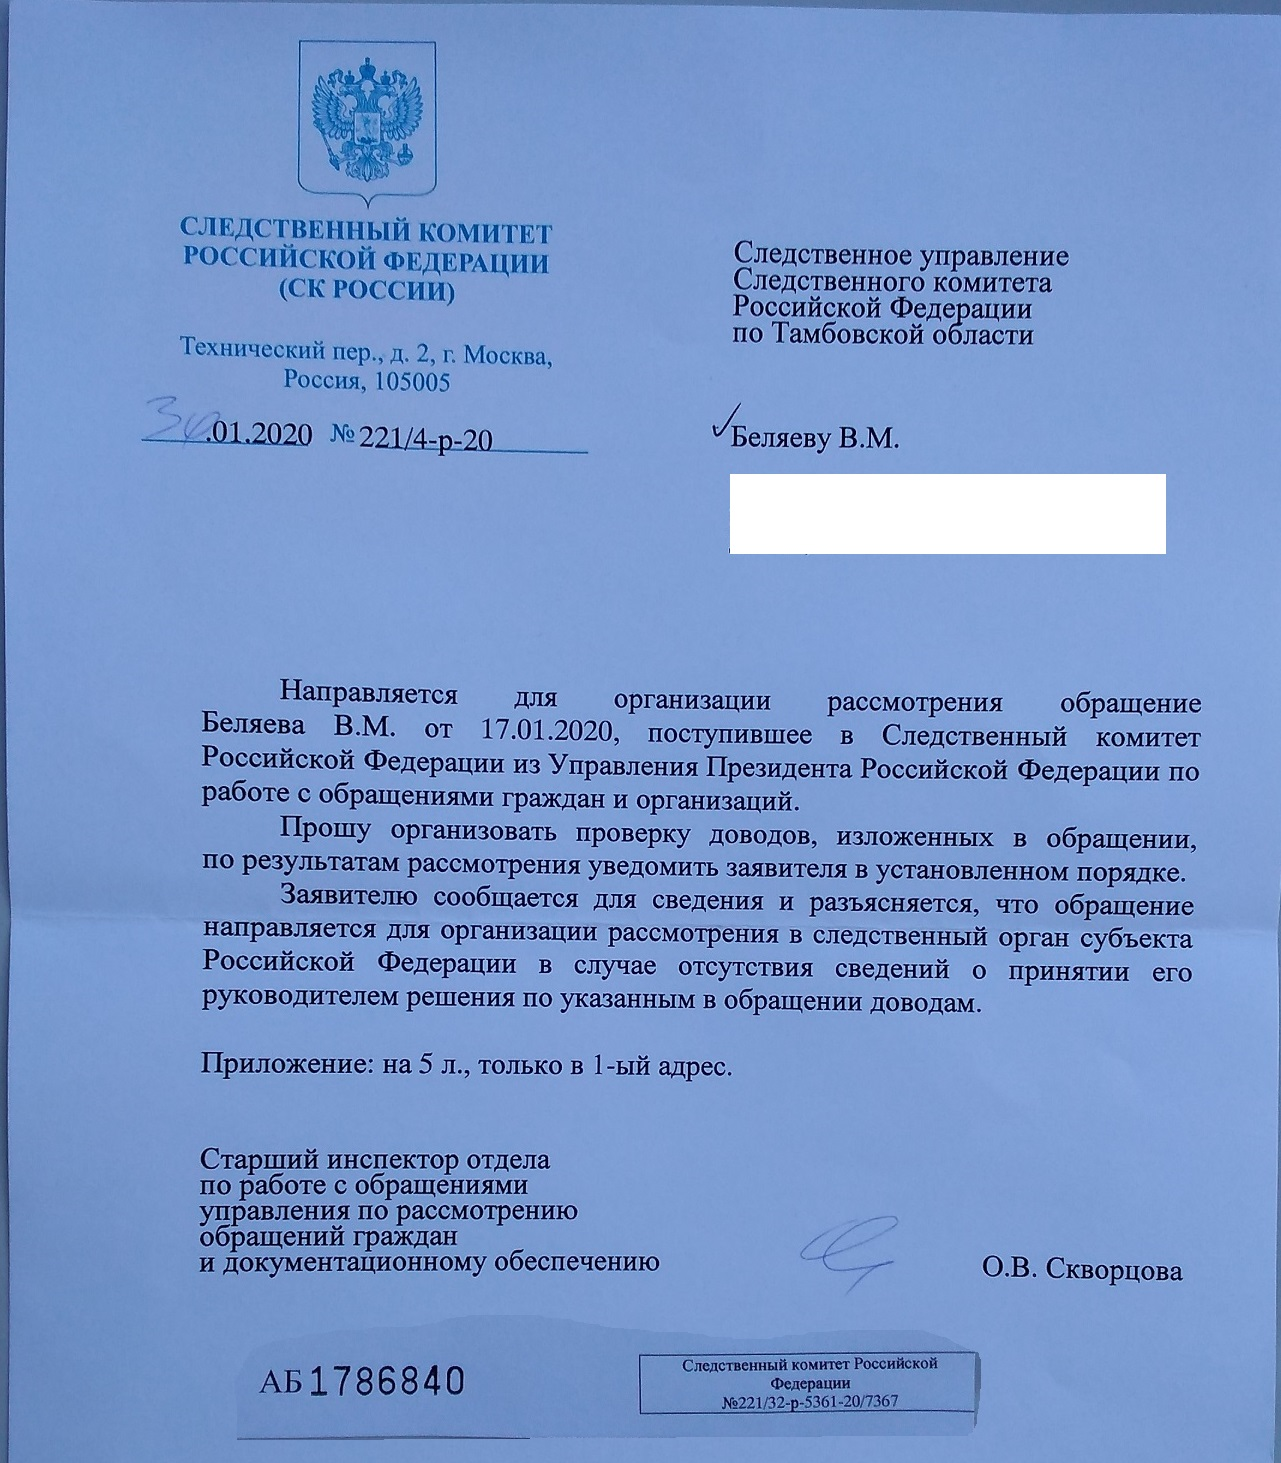 ?email=bel-vm%40mail.ru&e=1582667396&flags=0&h=wWDYzD4KzjjBCObY_dprdw&url173=d3d3LnBzeWNob3Ryb25pYy5vcmcvaW1nL3NsZWQtYy10YW1iLmpwZw~~&is_https=0